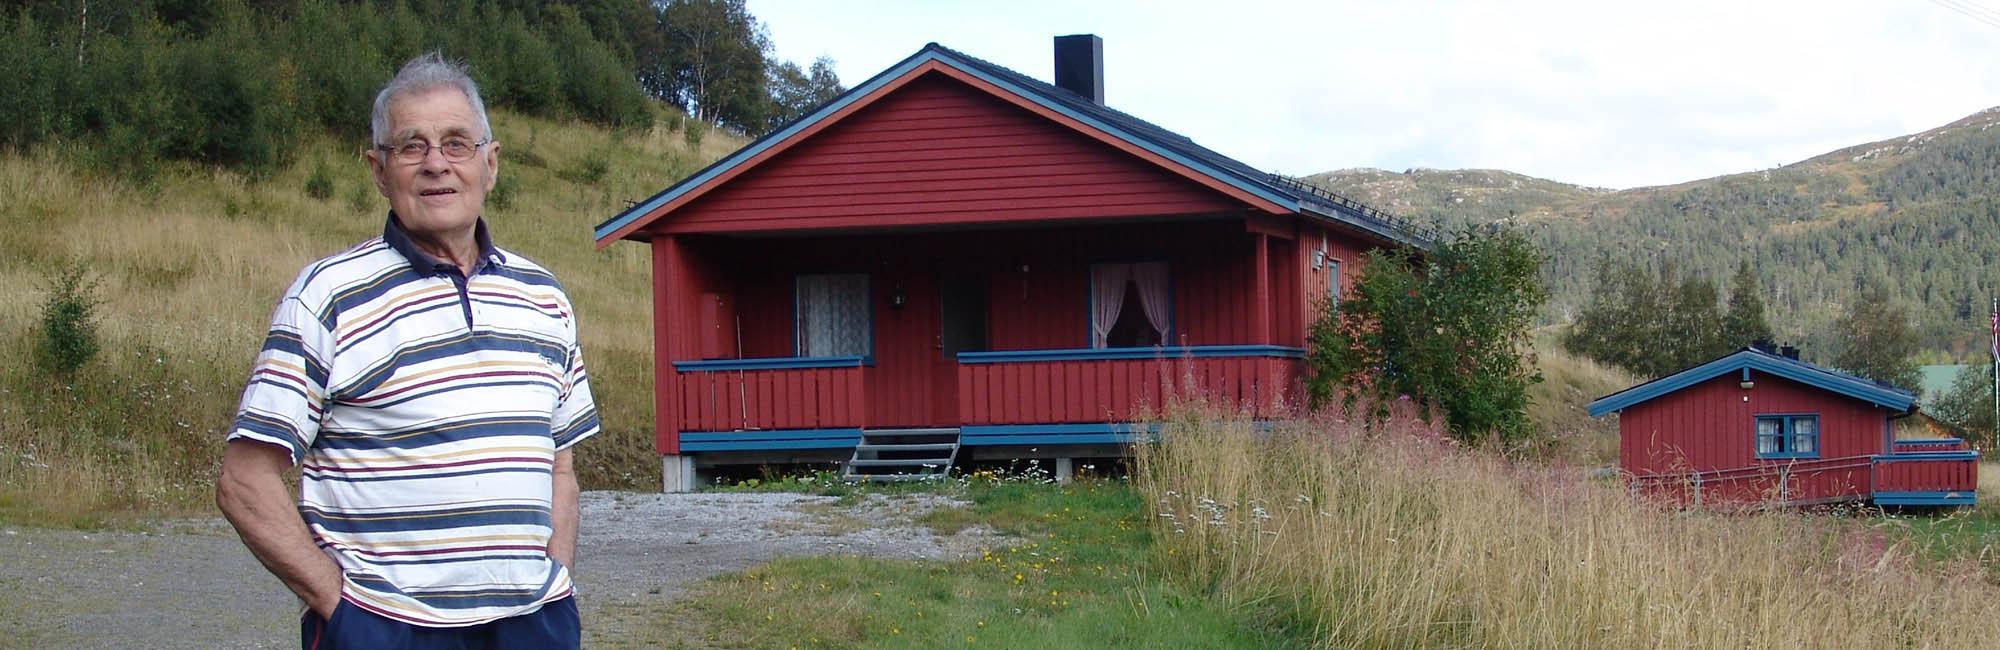 Lonin Gård & camping - Ingar